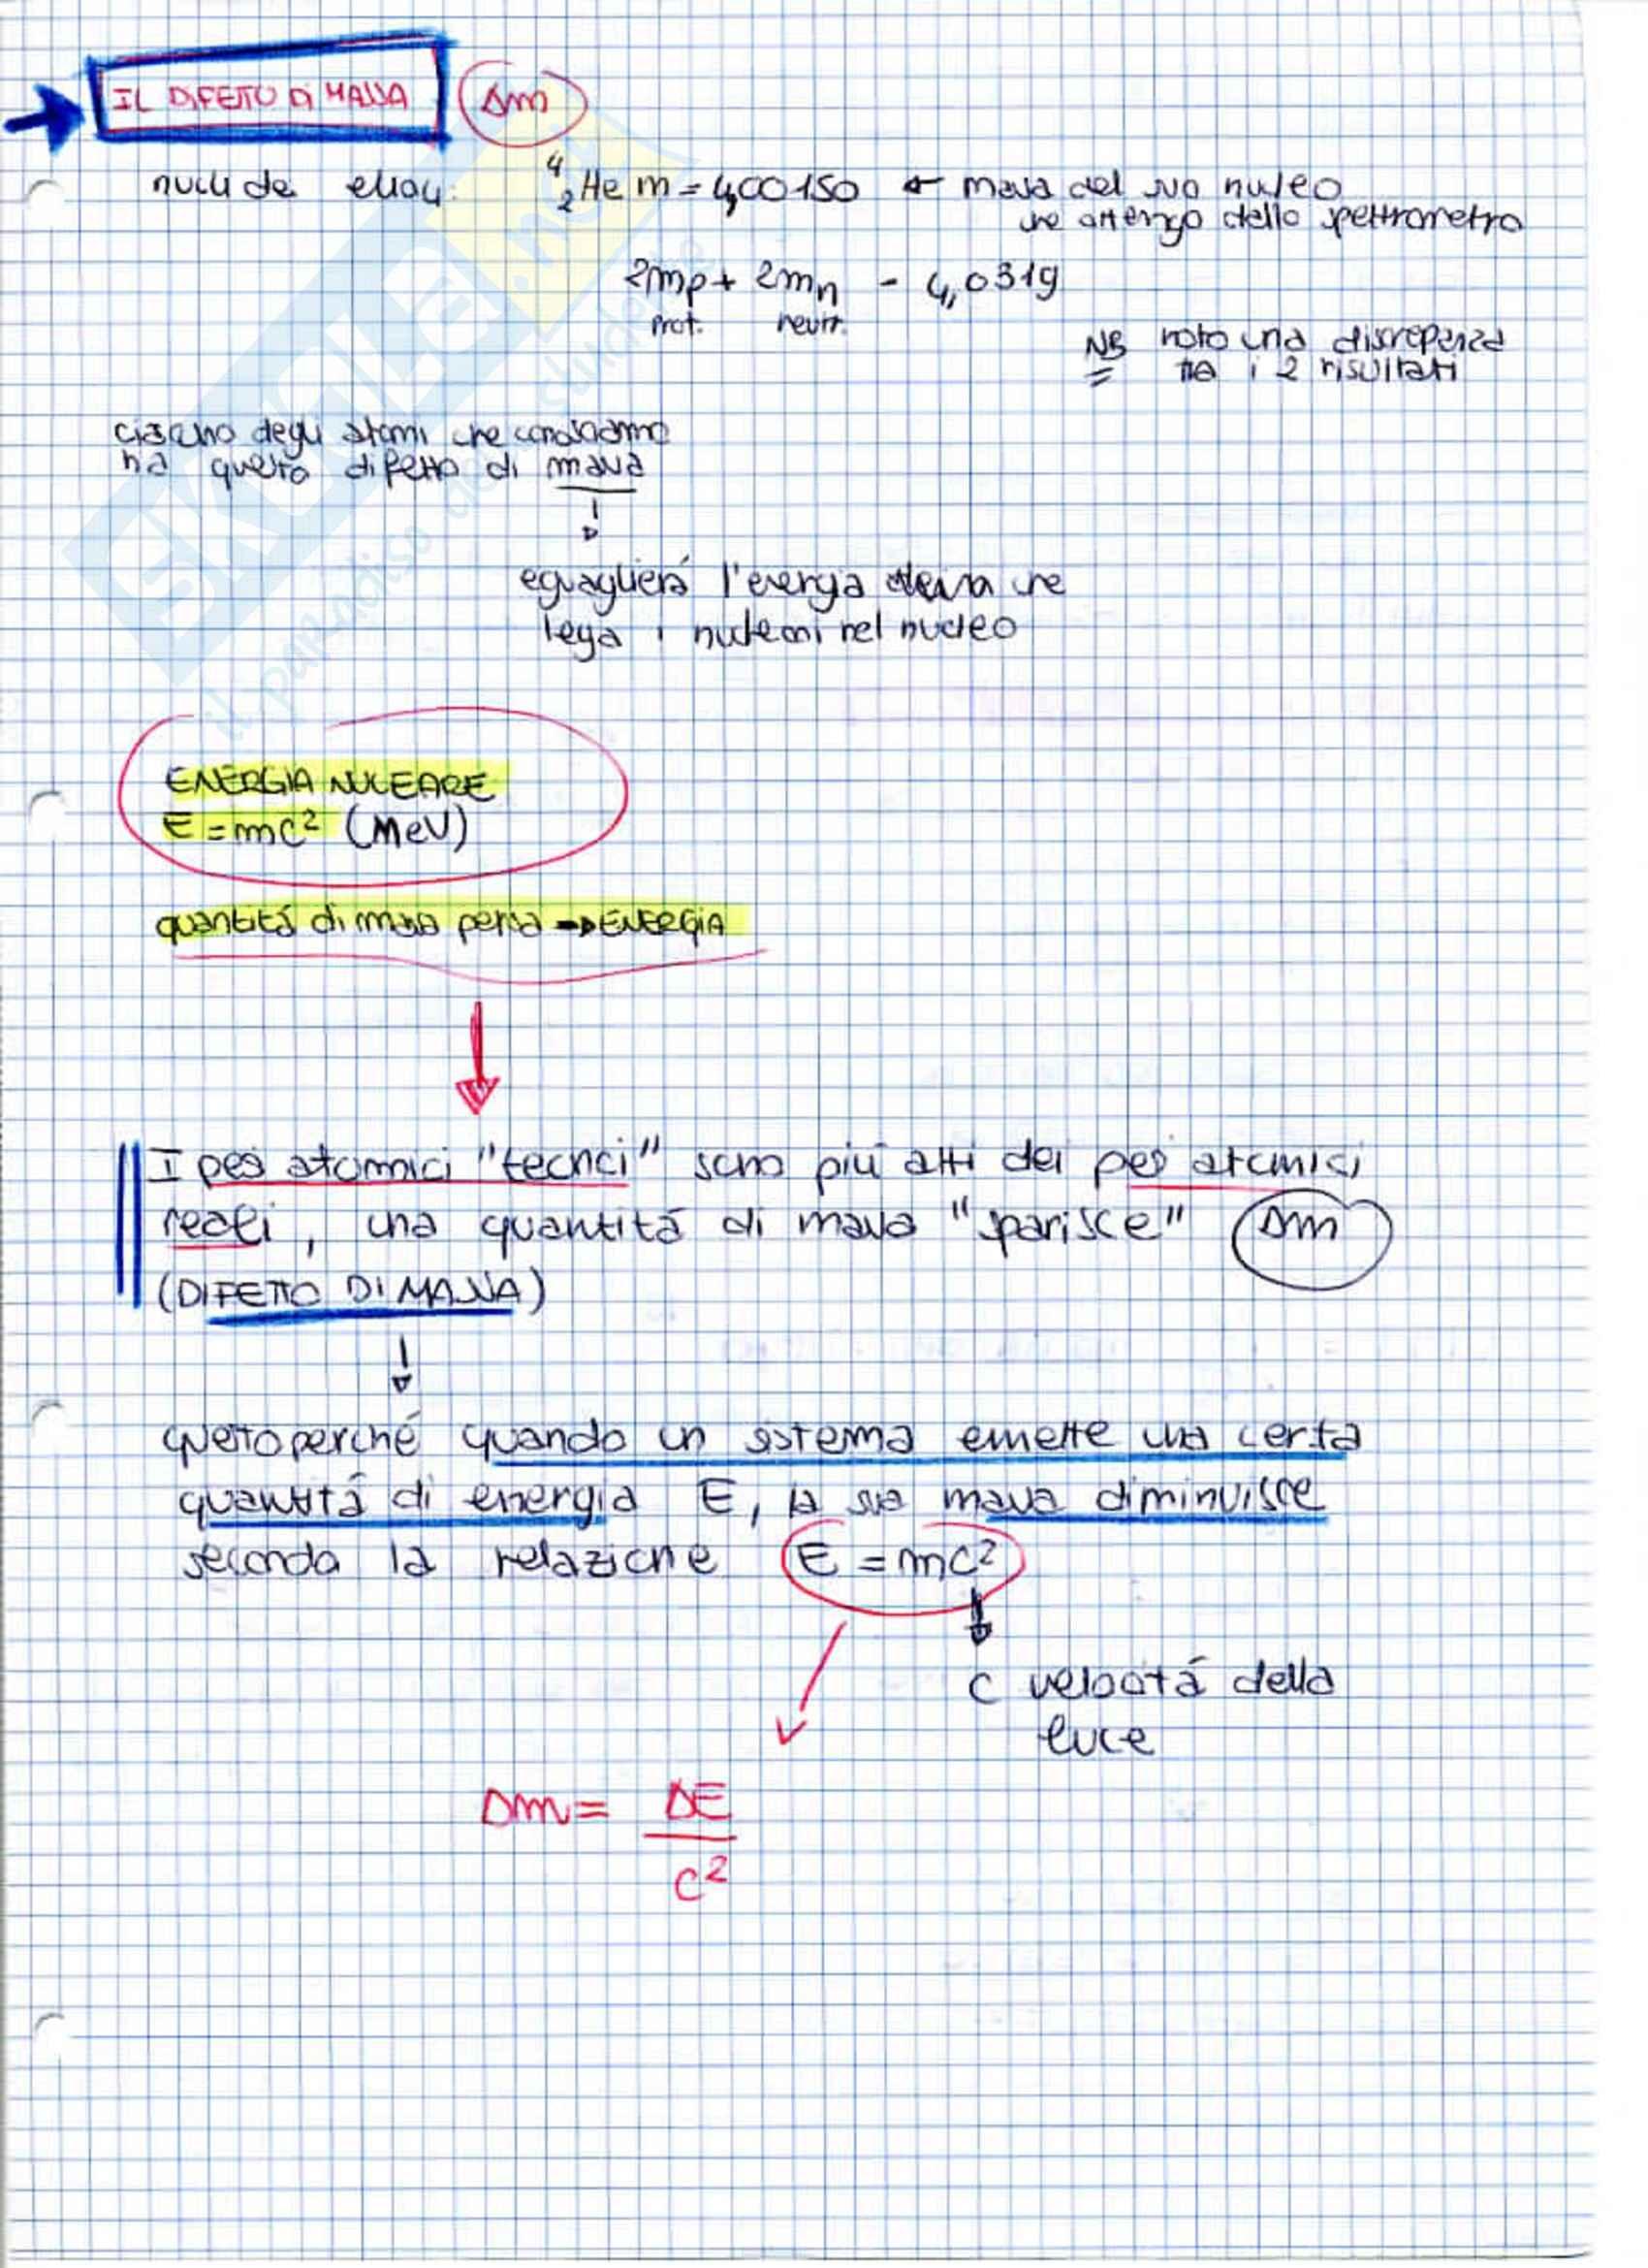 Lezioni: Appunti di Chimica Pag. 6